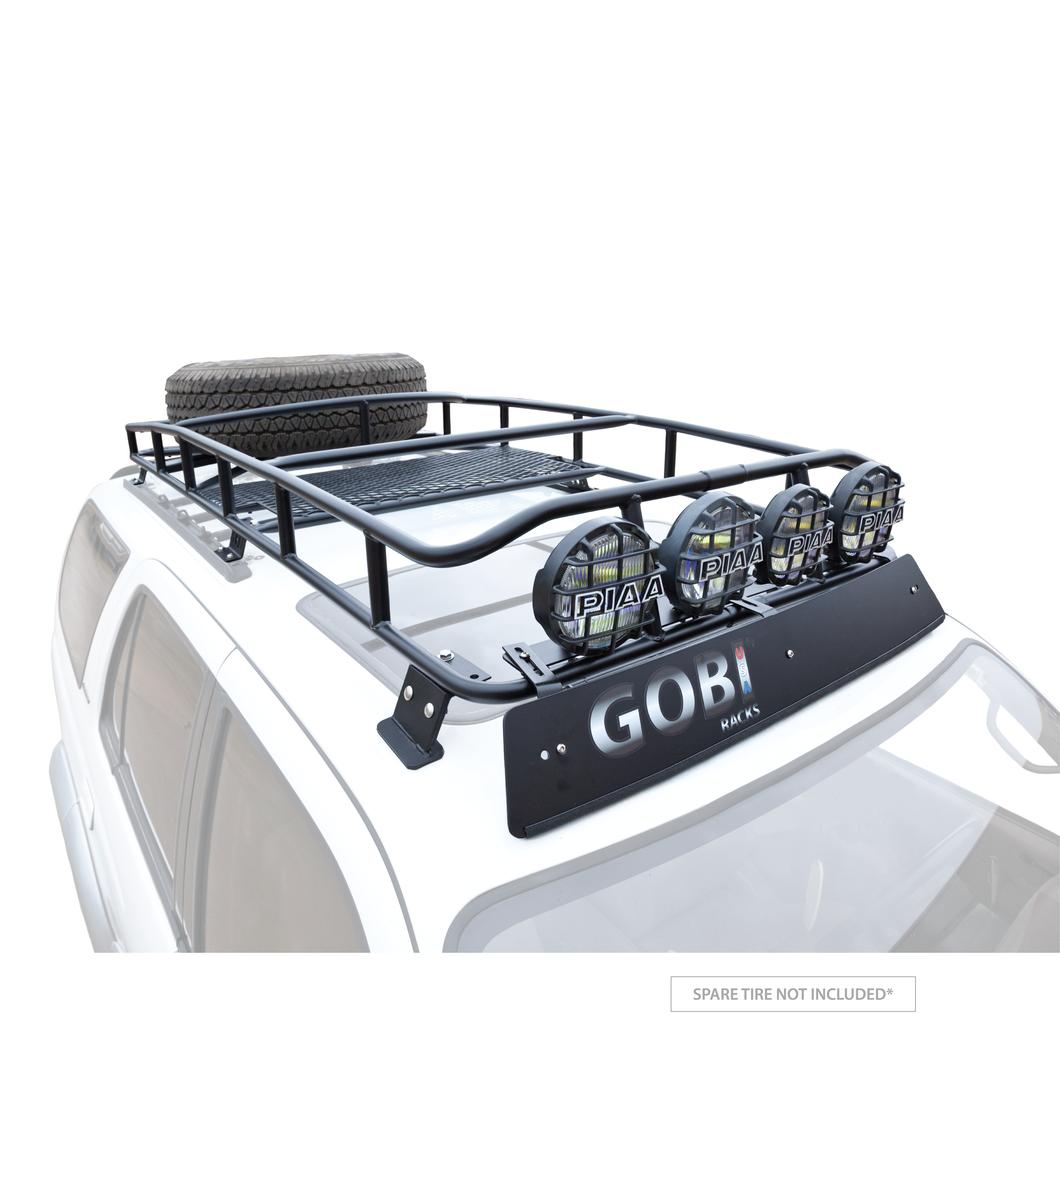 Gobi Toyota 4runner 3rd Gen Ranger Tire Carrier Rack